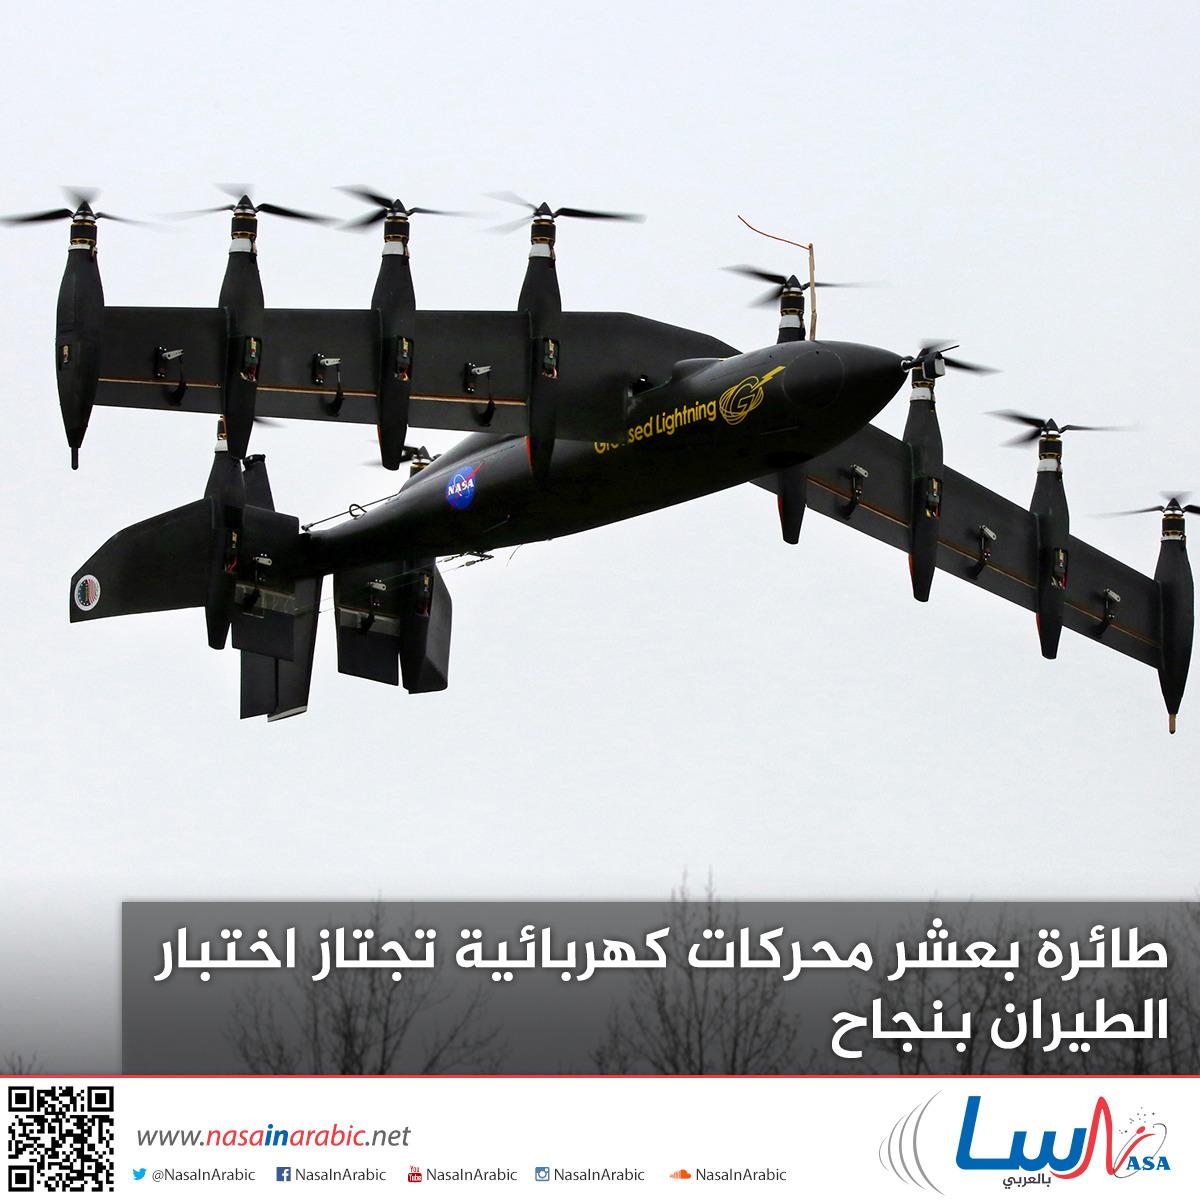 طائرة بعشر محركات كهربائية تجتاز اختبار الطيران بنجاح